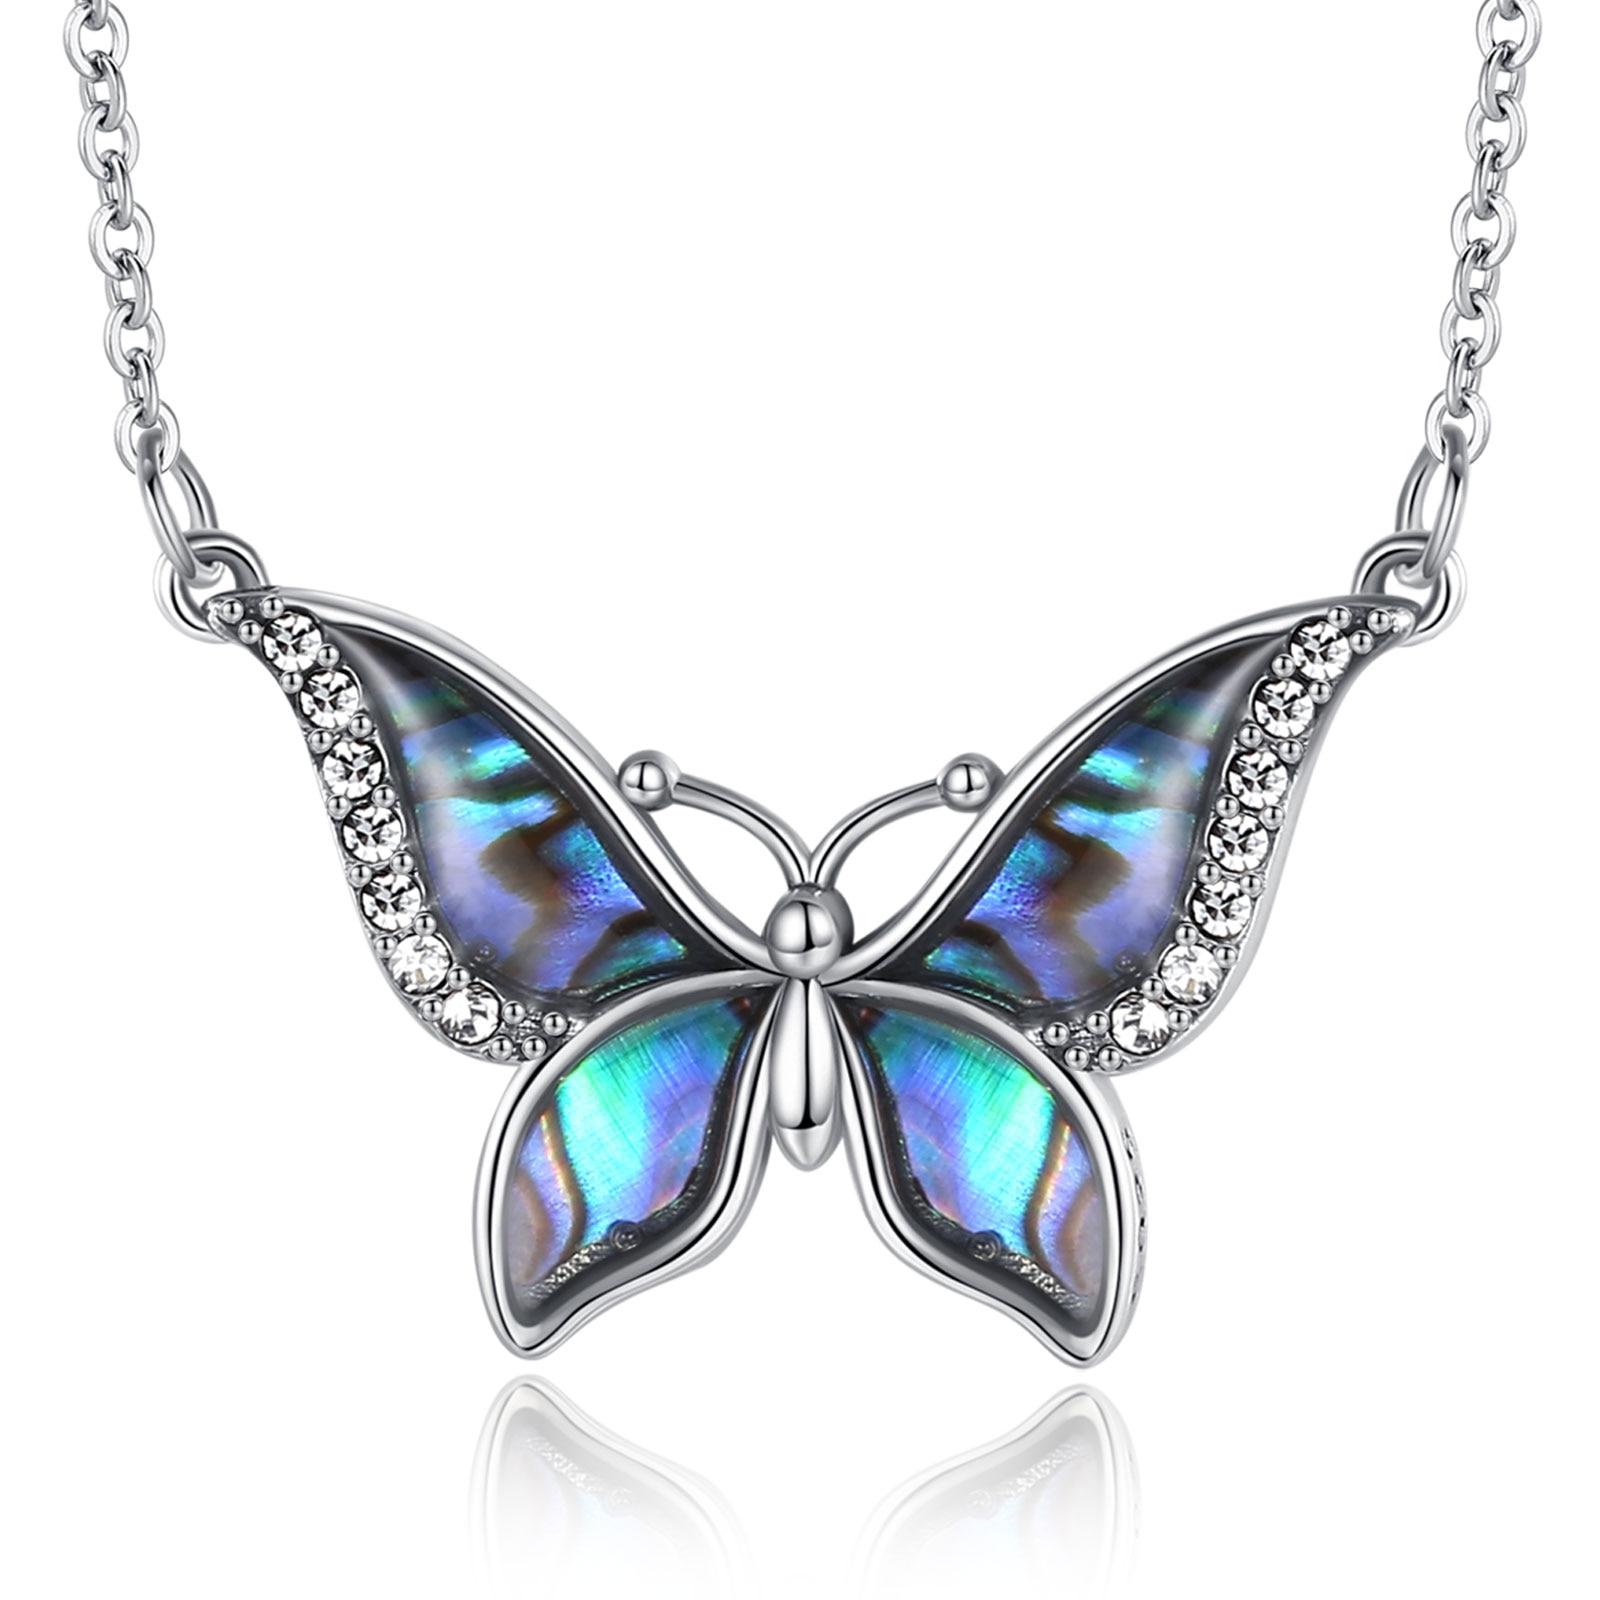 Traumhaft schimmernder Schmetterling aus Abalone Perlmutt | 925 Halskette 925 Halsketten